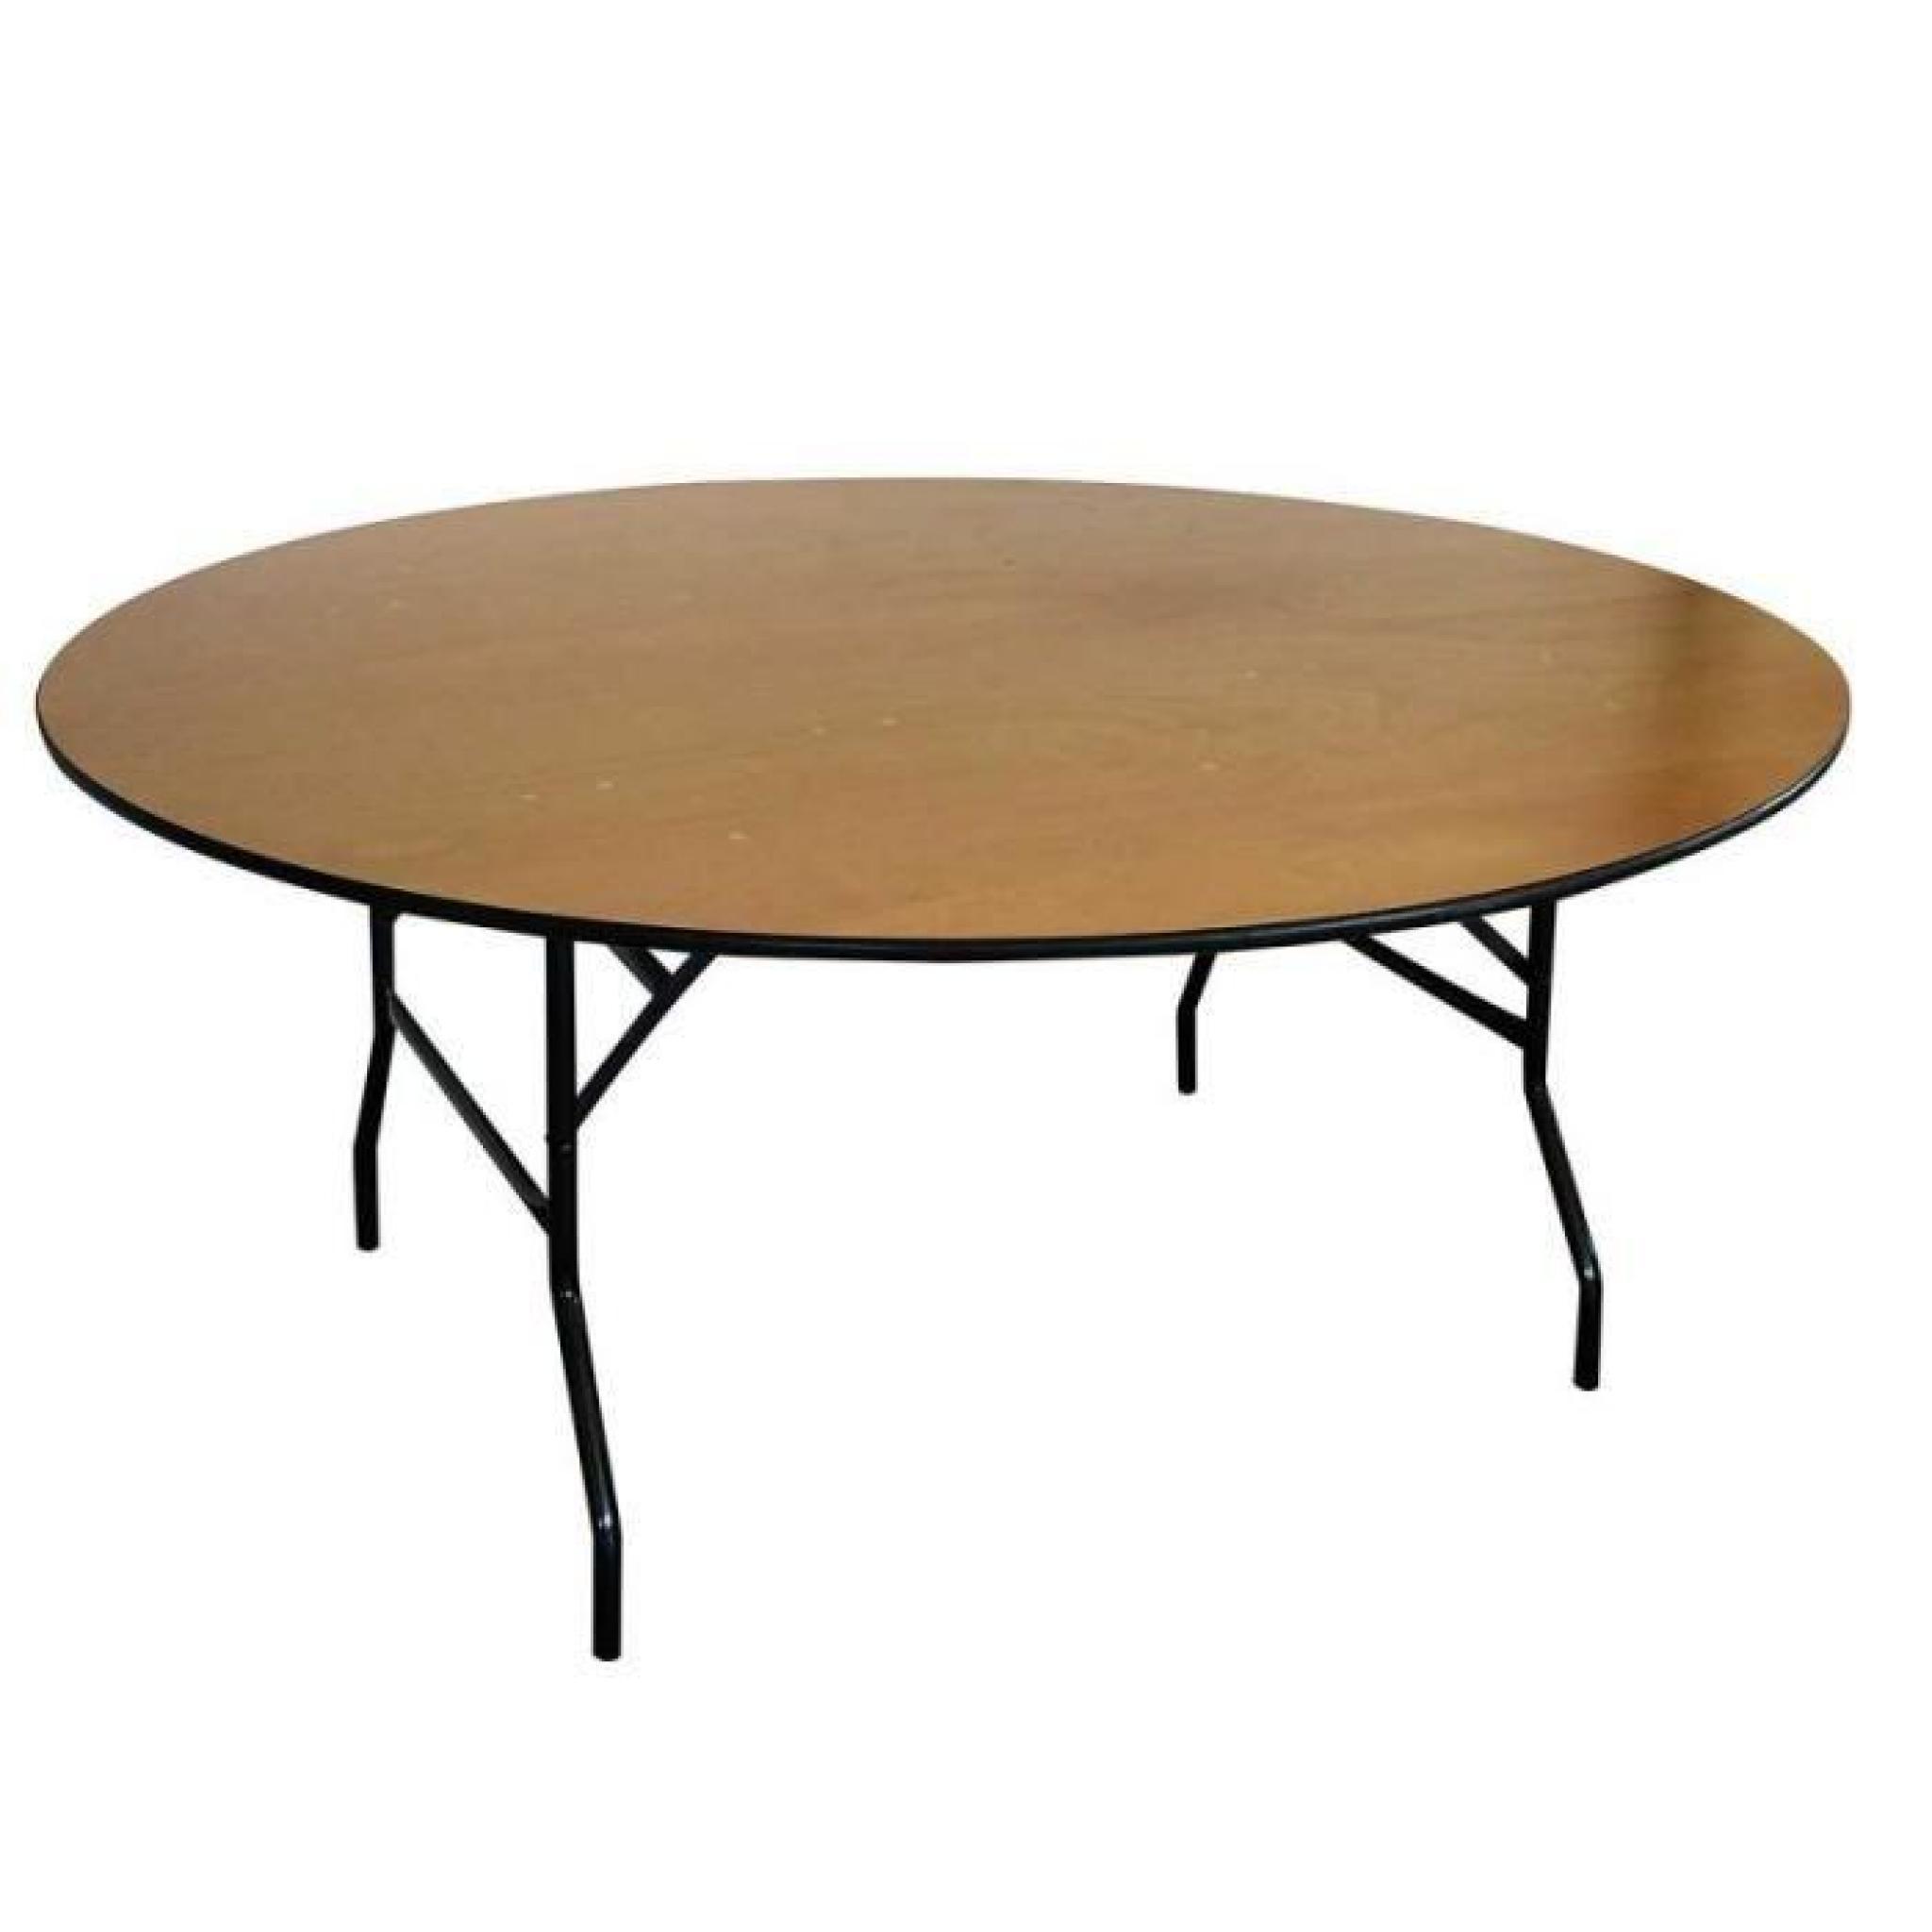 Table pliante ronde en bois 170 cm jardin